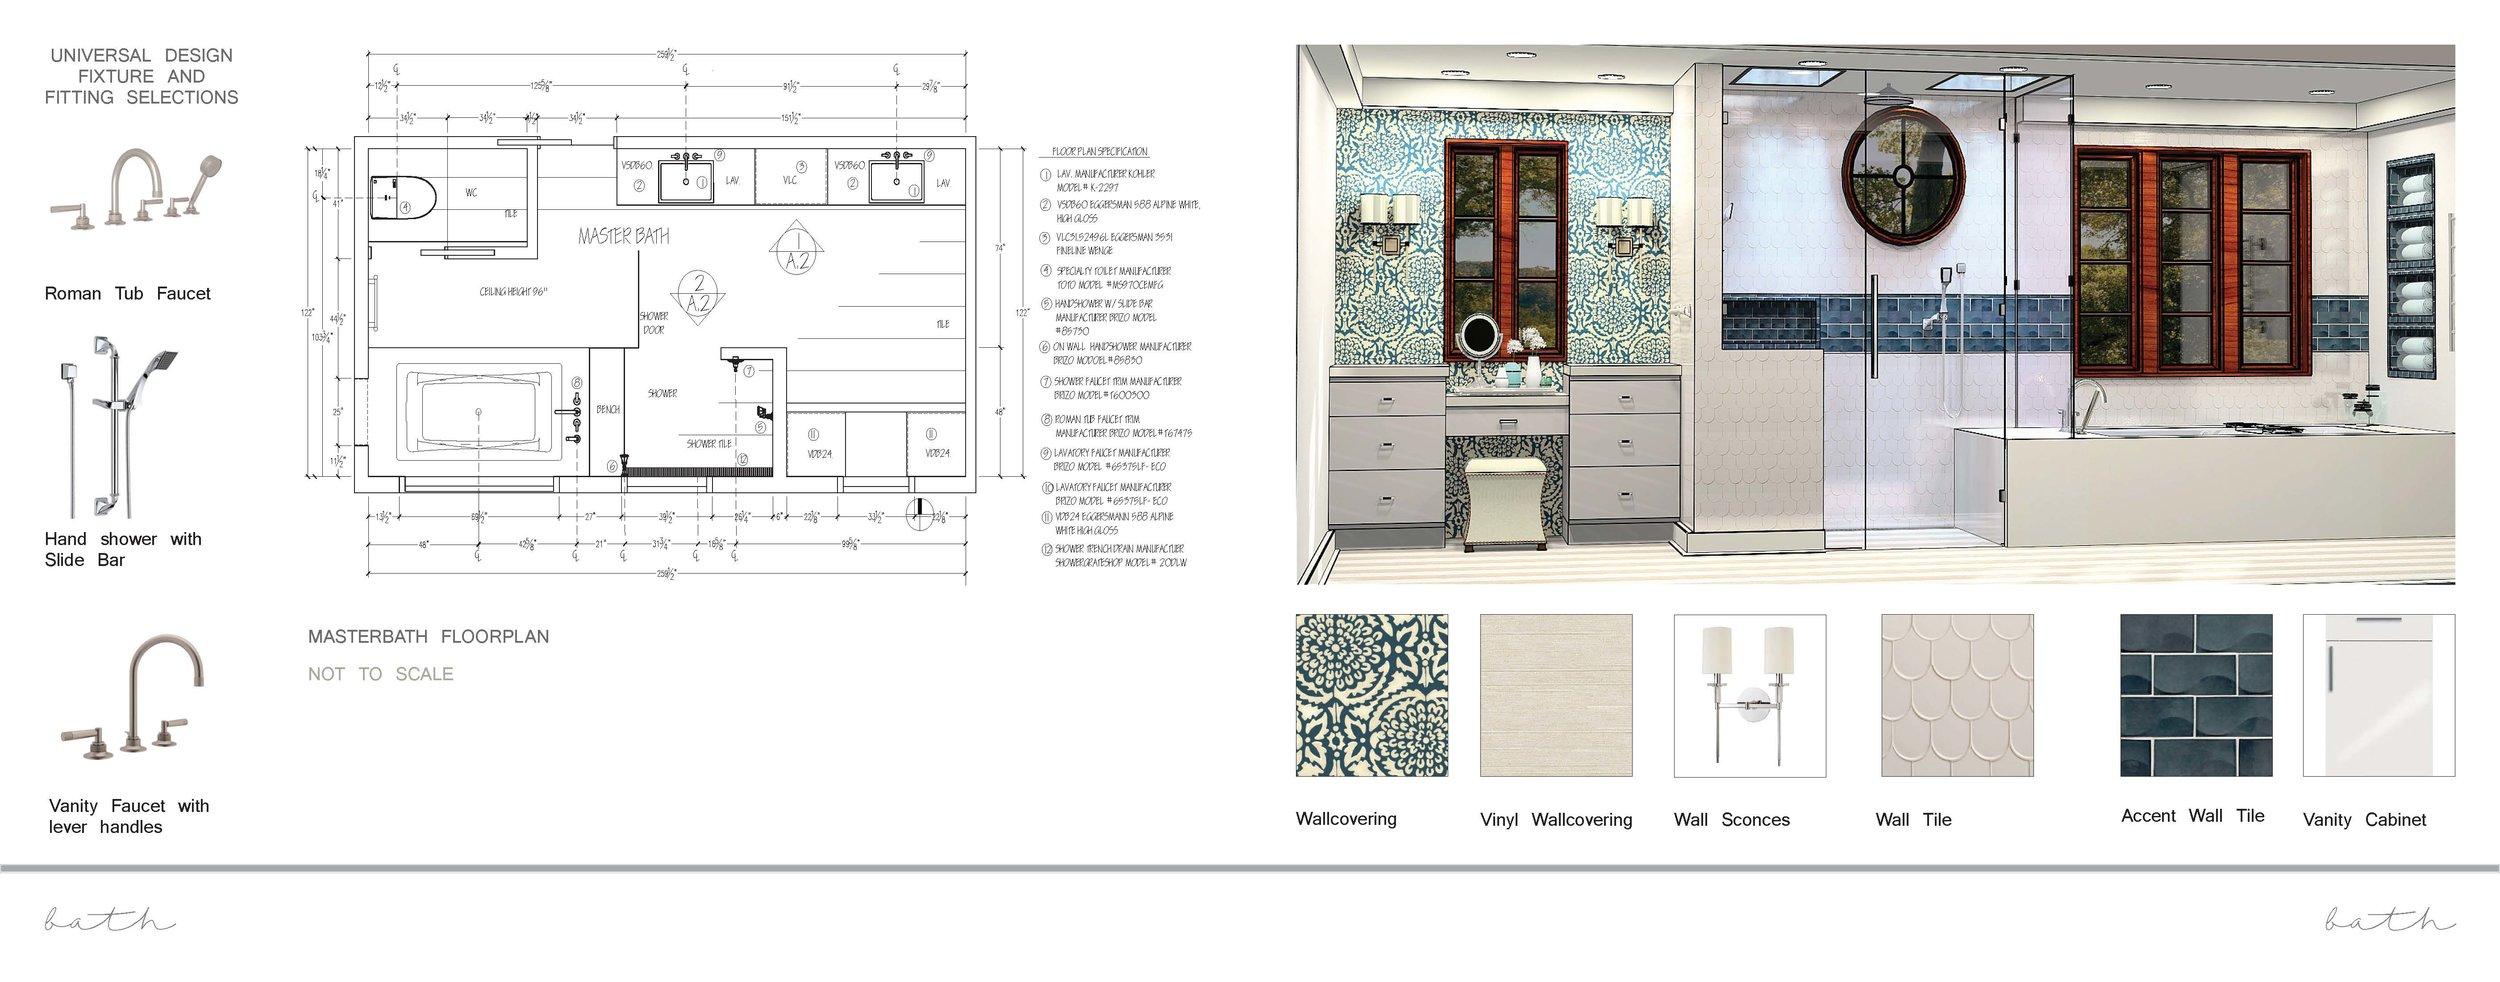 myportfolio_FINAL_Page_17.jpg